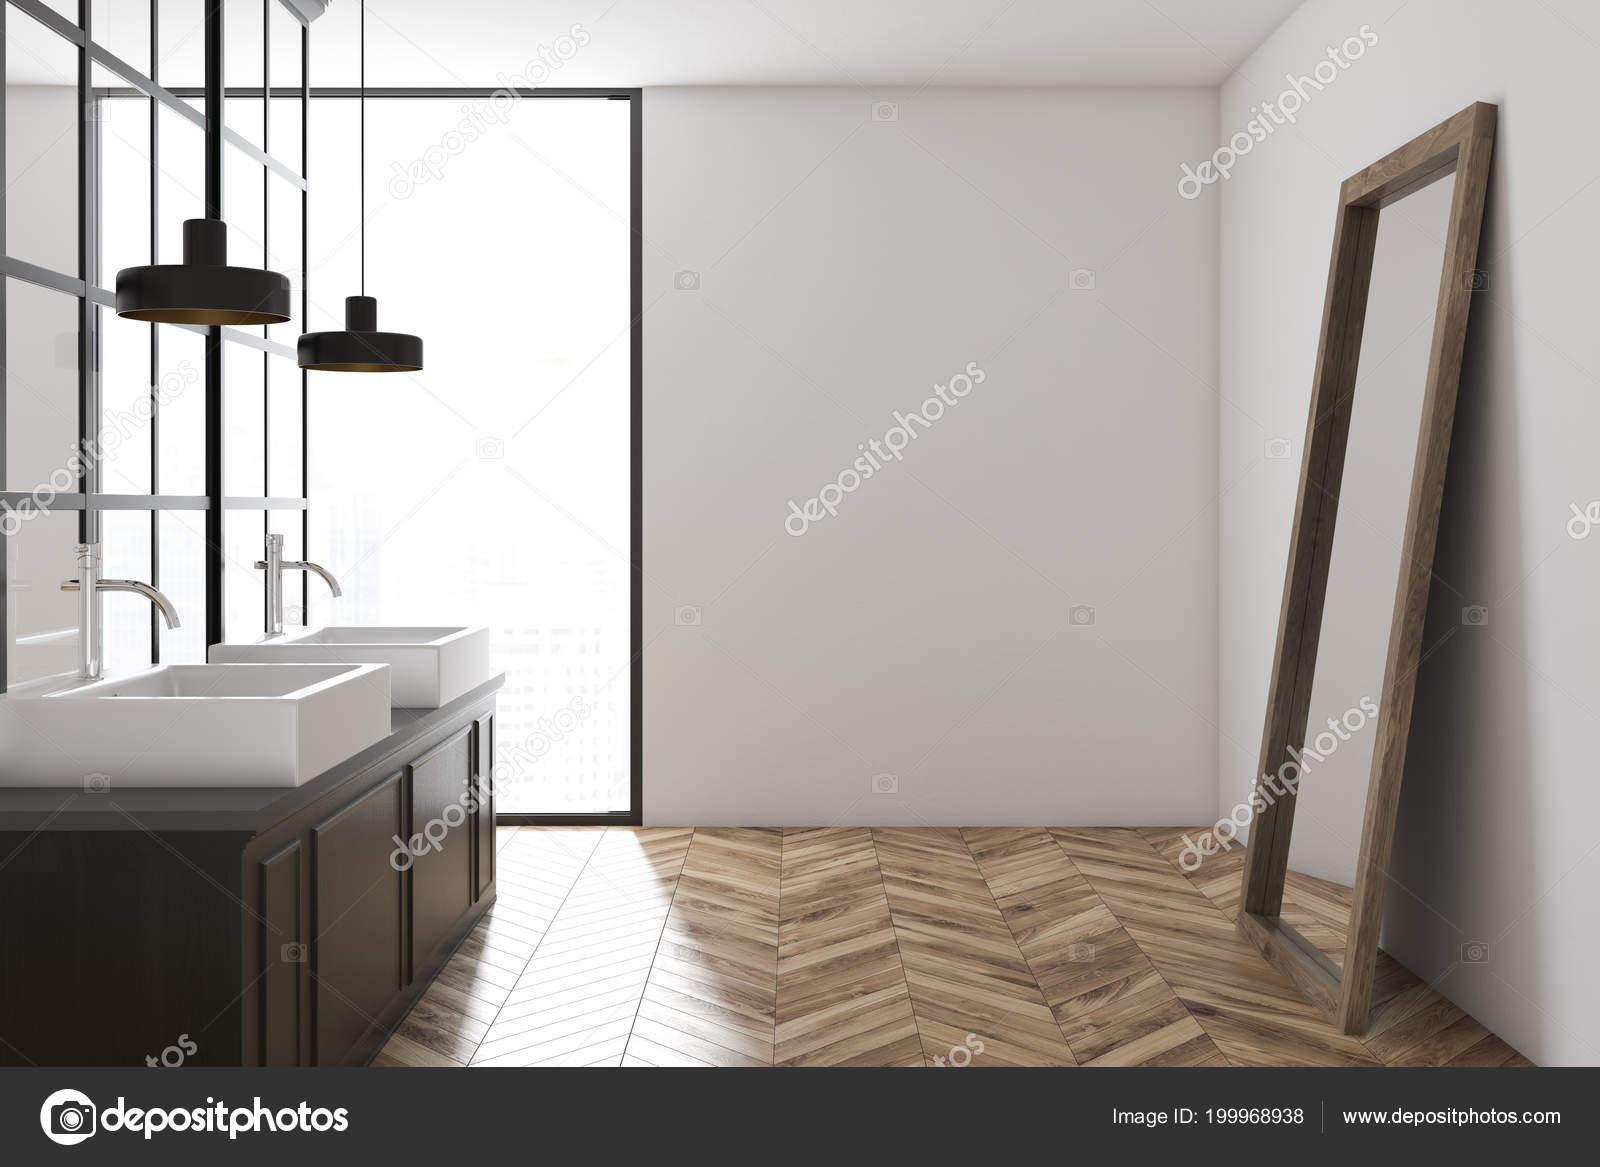 Decoratie Badkamer Muur : Witte muur badkamer interieur met een metalen decoratie details een